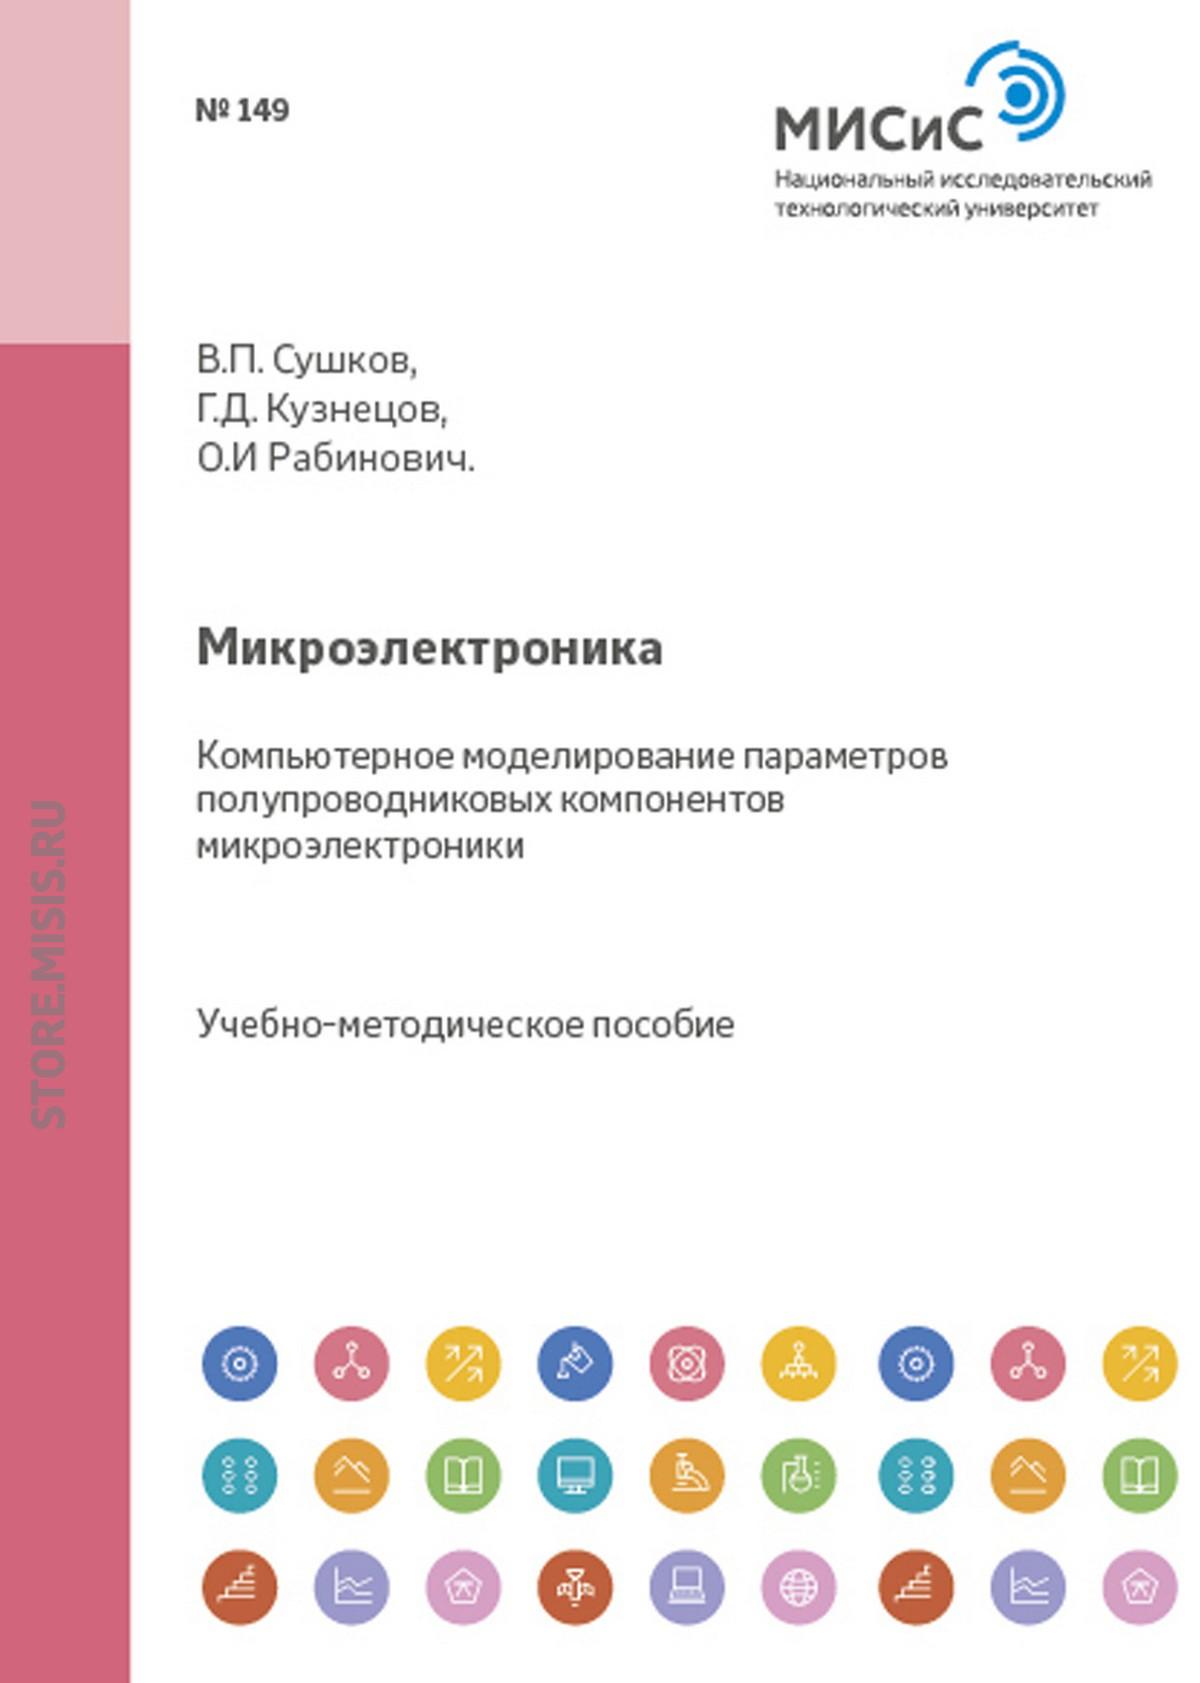 Геннадий Кузнецов Микроэлектроника. Компьютерное моделирование параметров полупроводниковых компонентов микроэлектроники